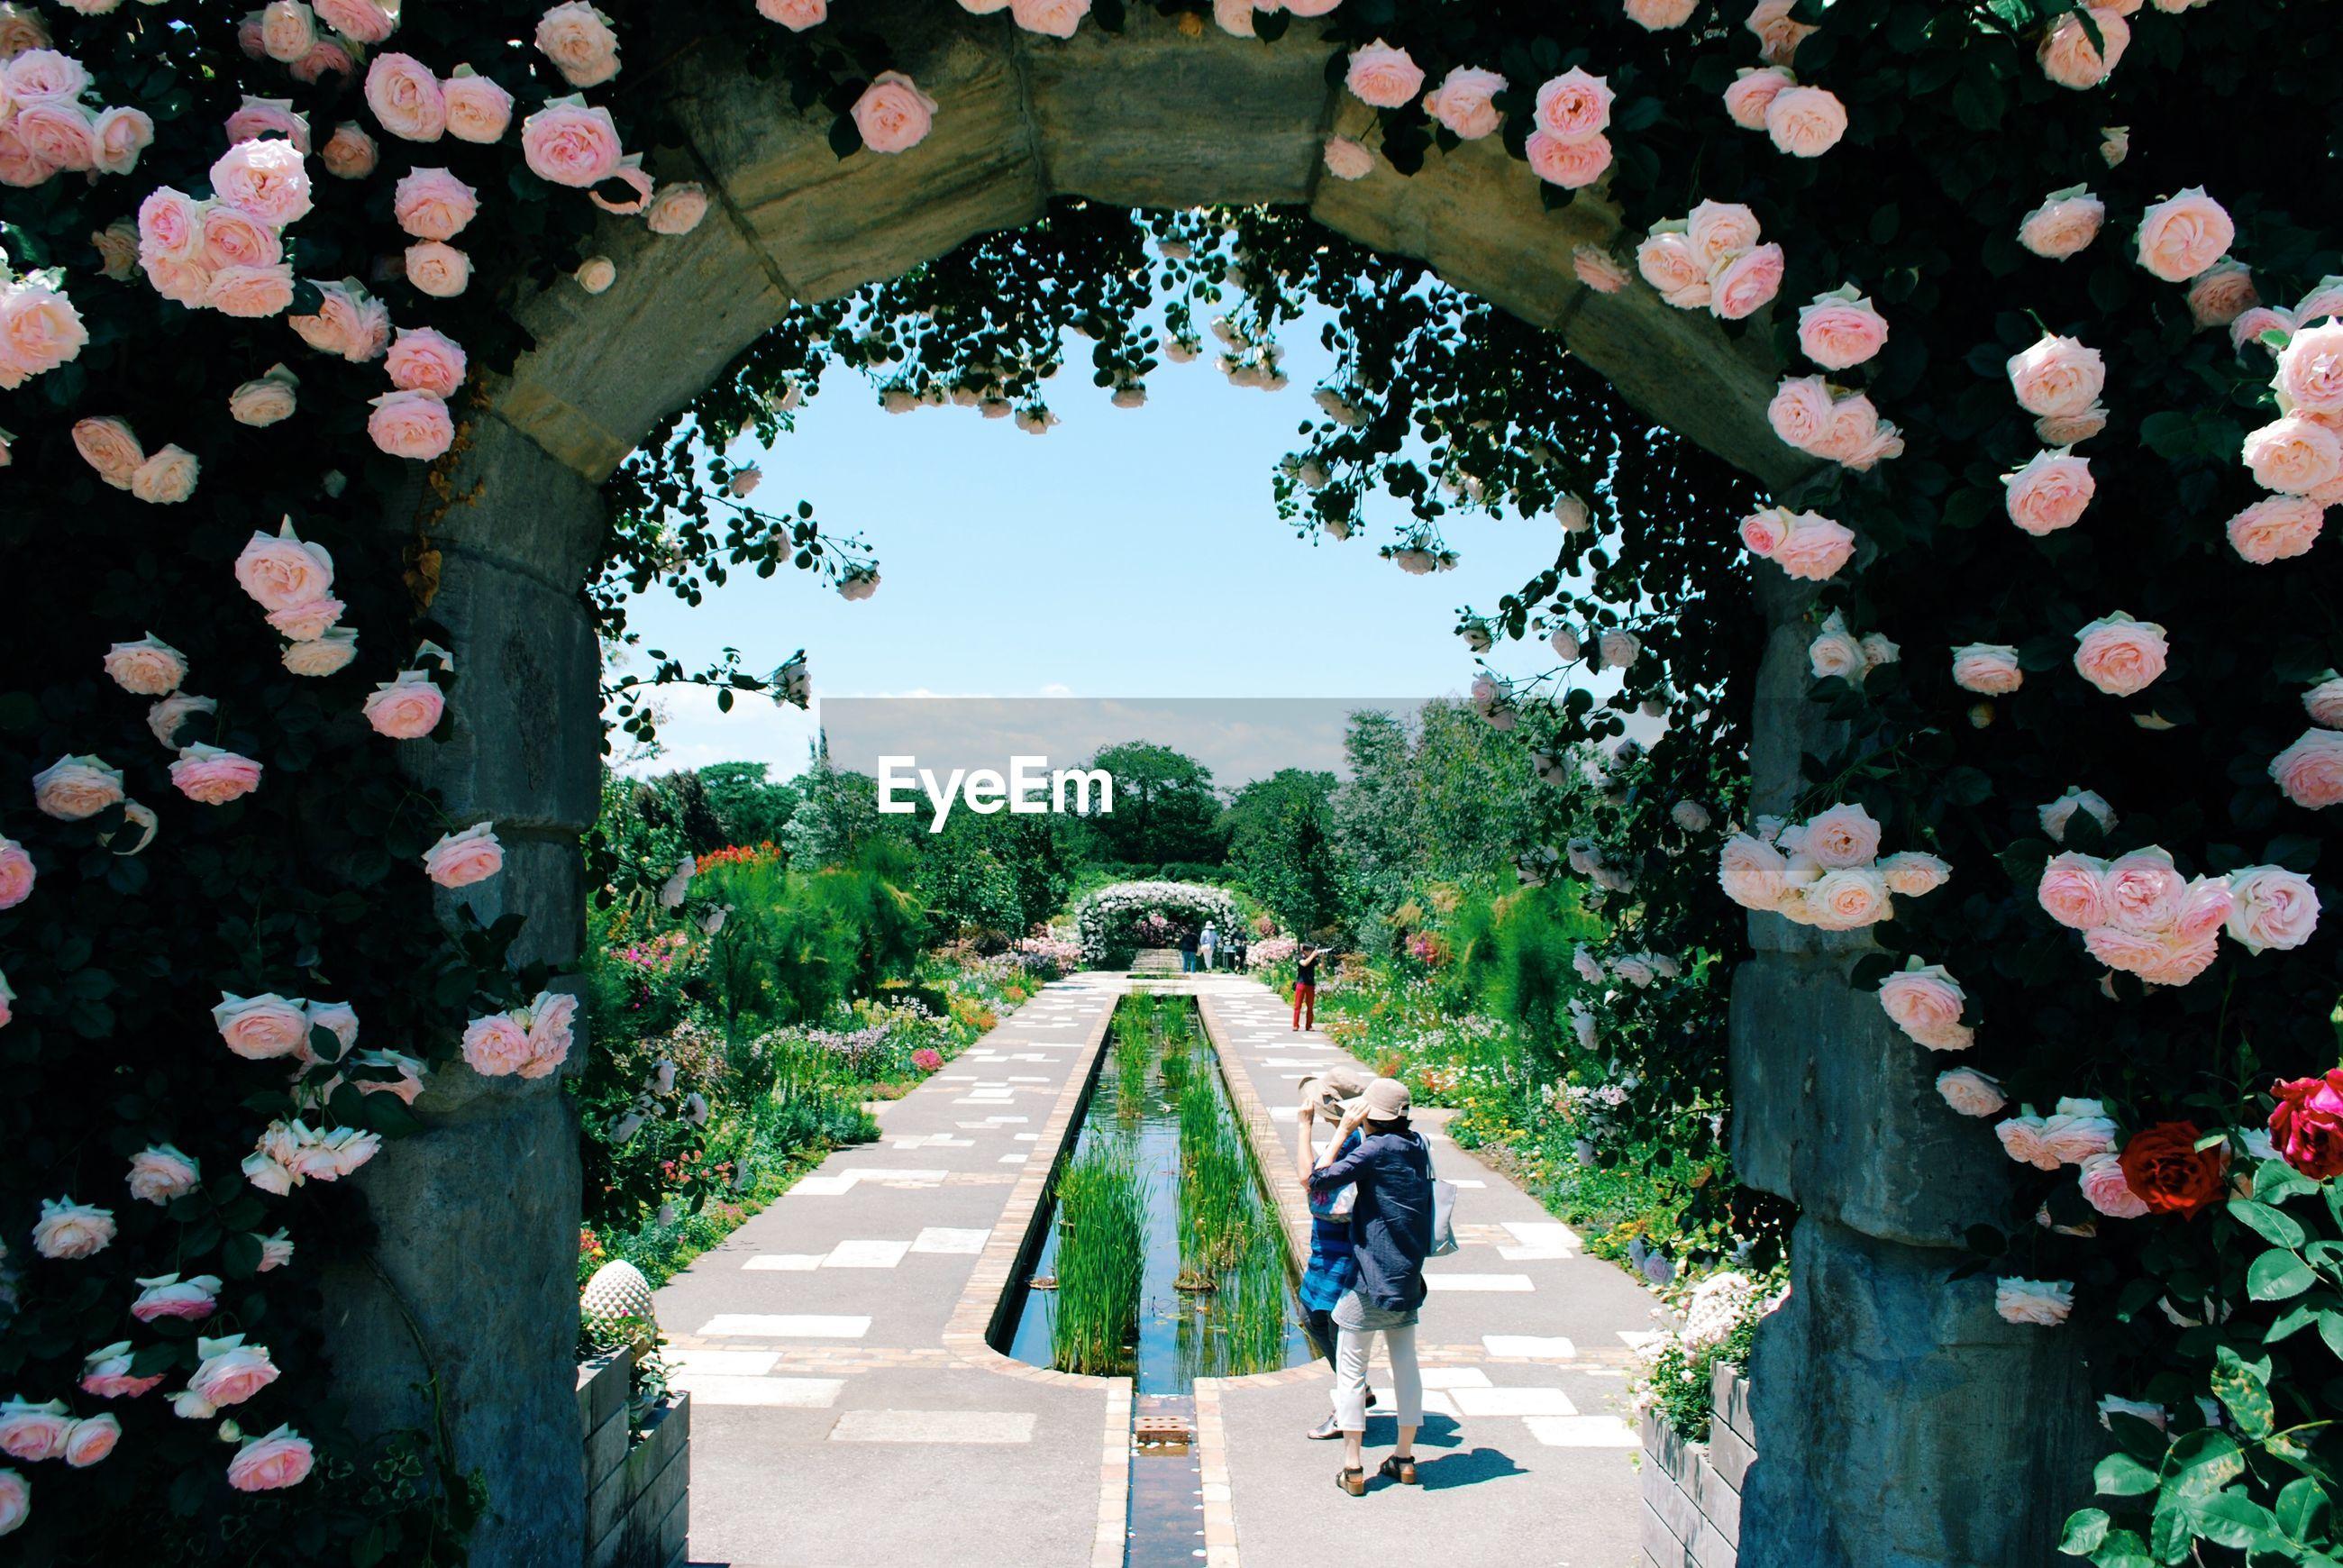 Women standing on footpath in garden seen through archway